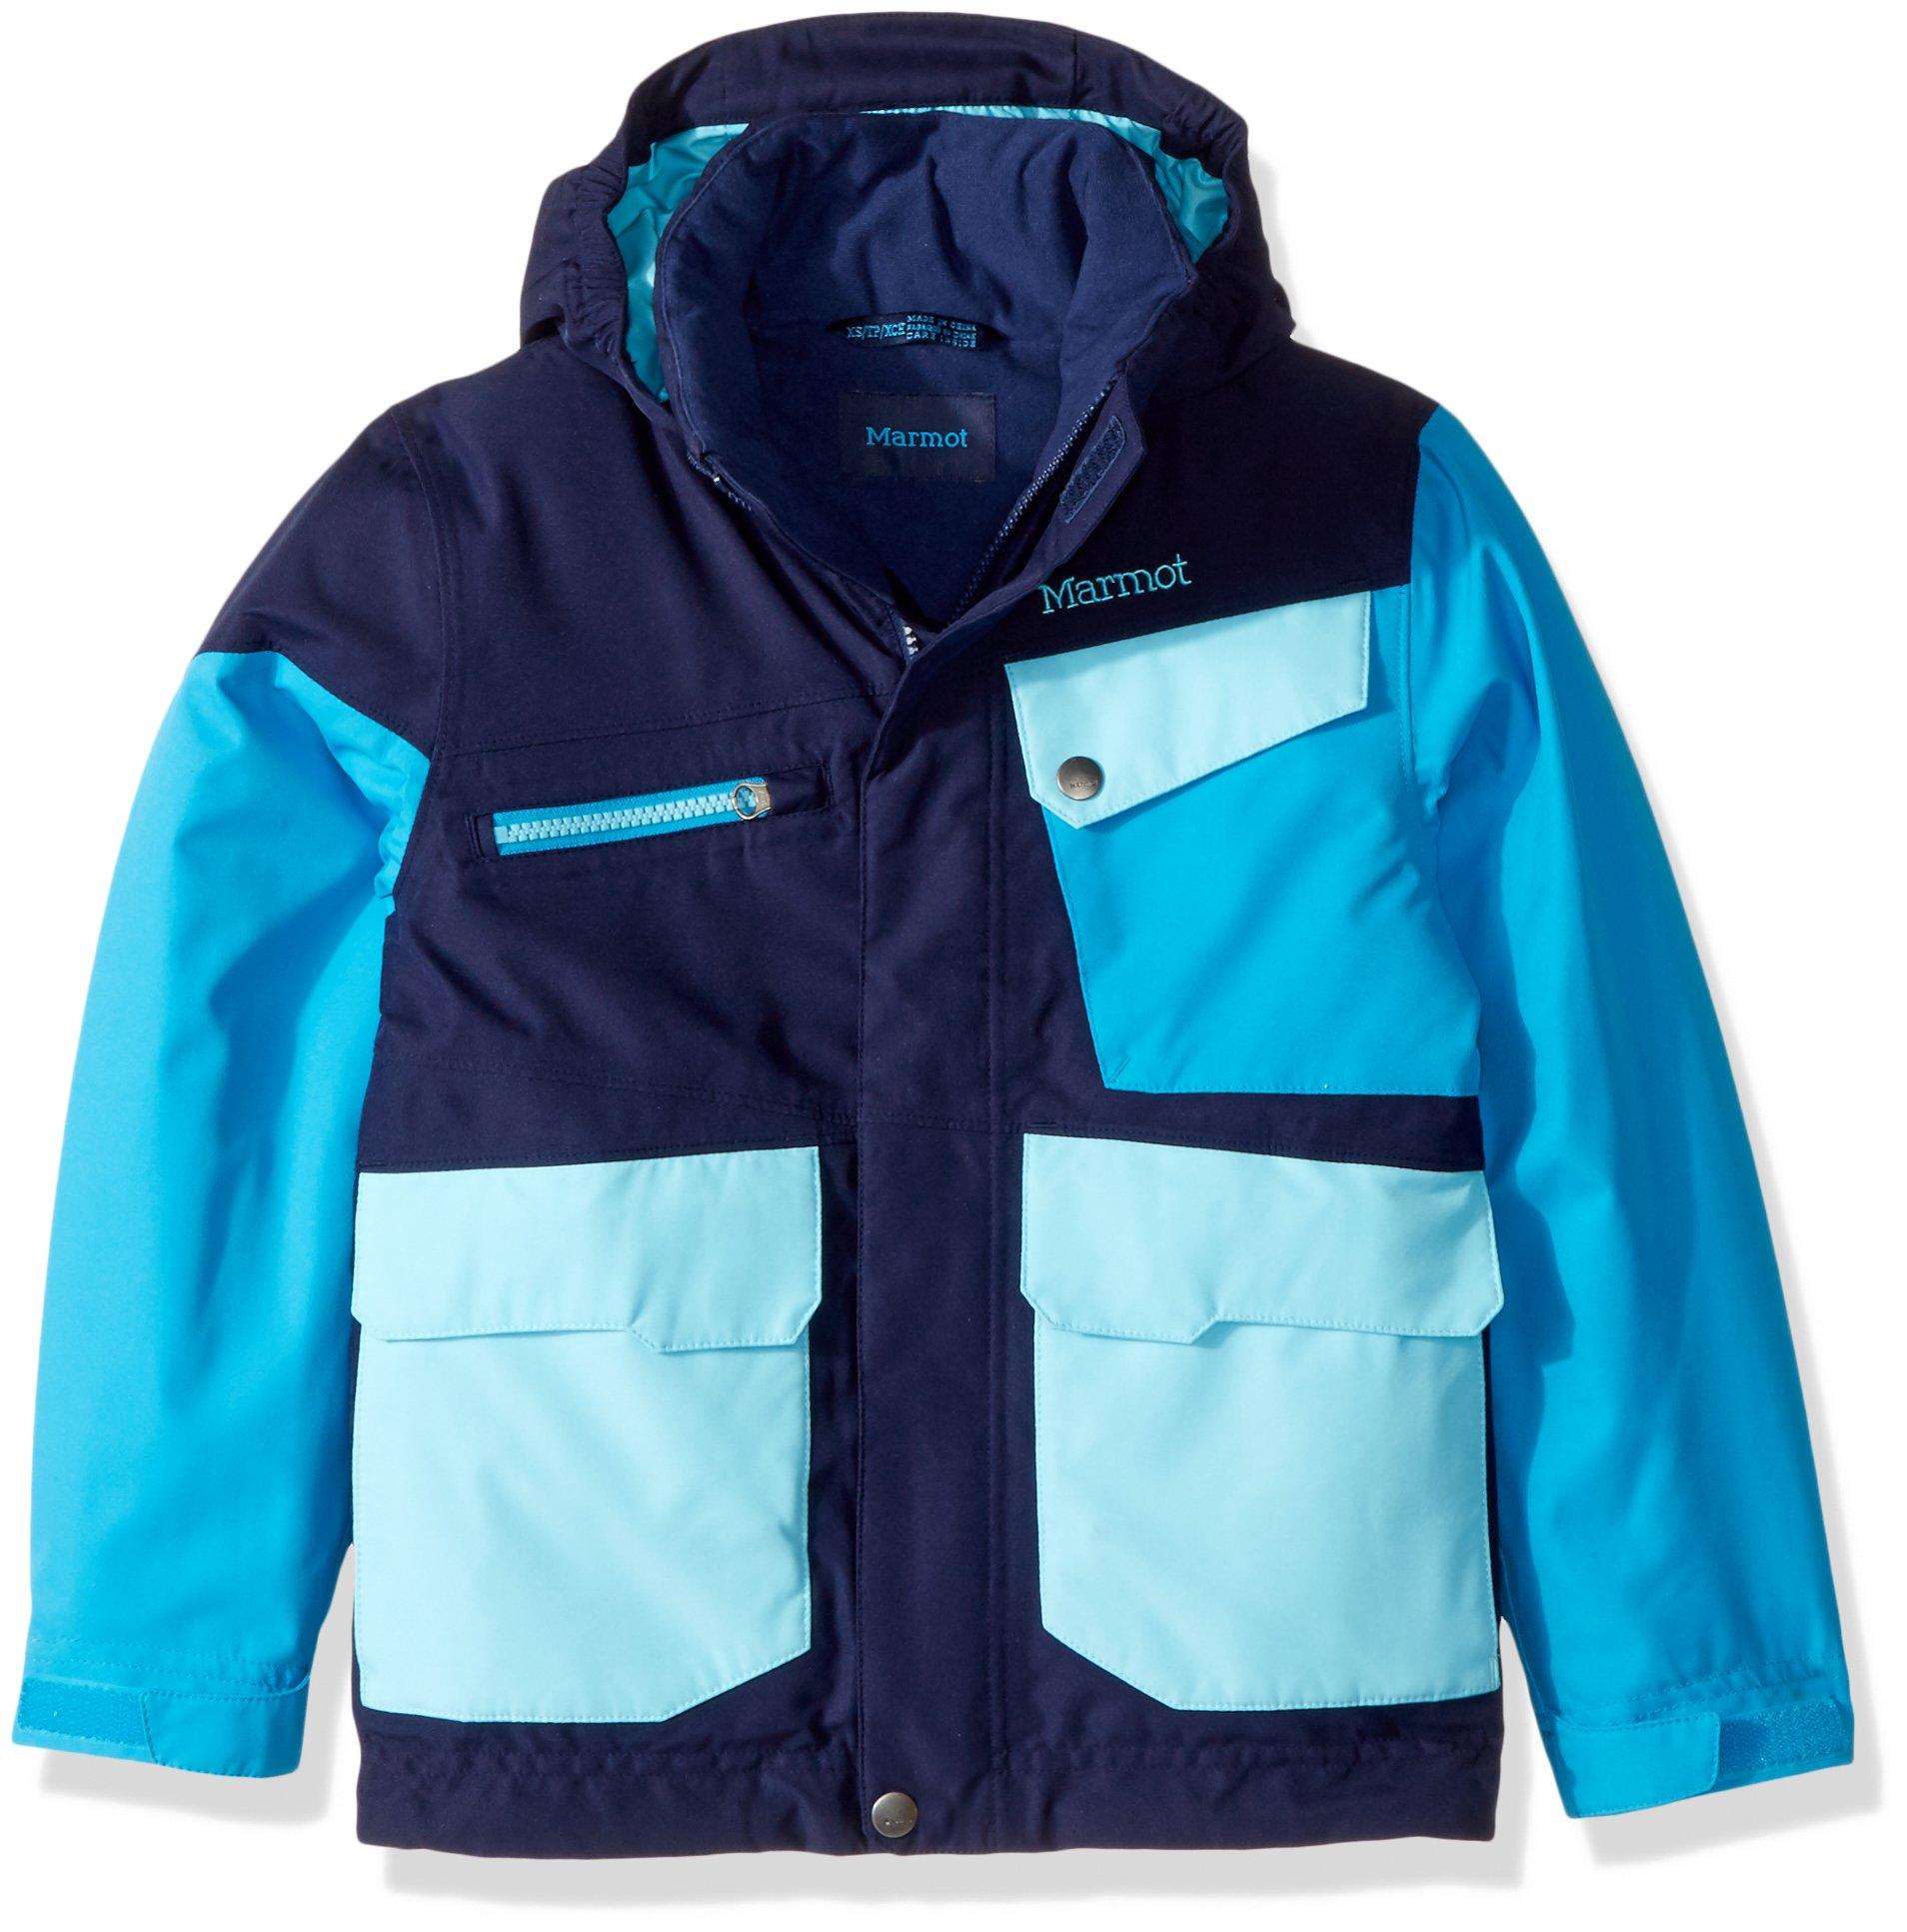 Marmot Kids Boy's Boy's Space Walk Jacket (Little Kids/Big Kids) Arctic Navy/Bahama Blue XS (4/5 Little Kids) by Marmot